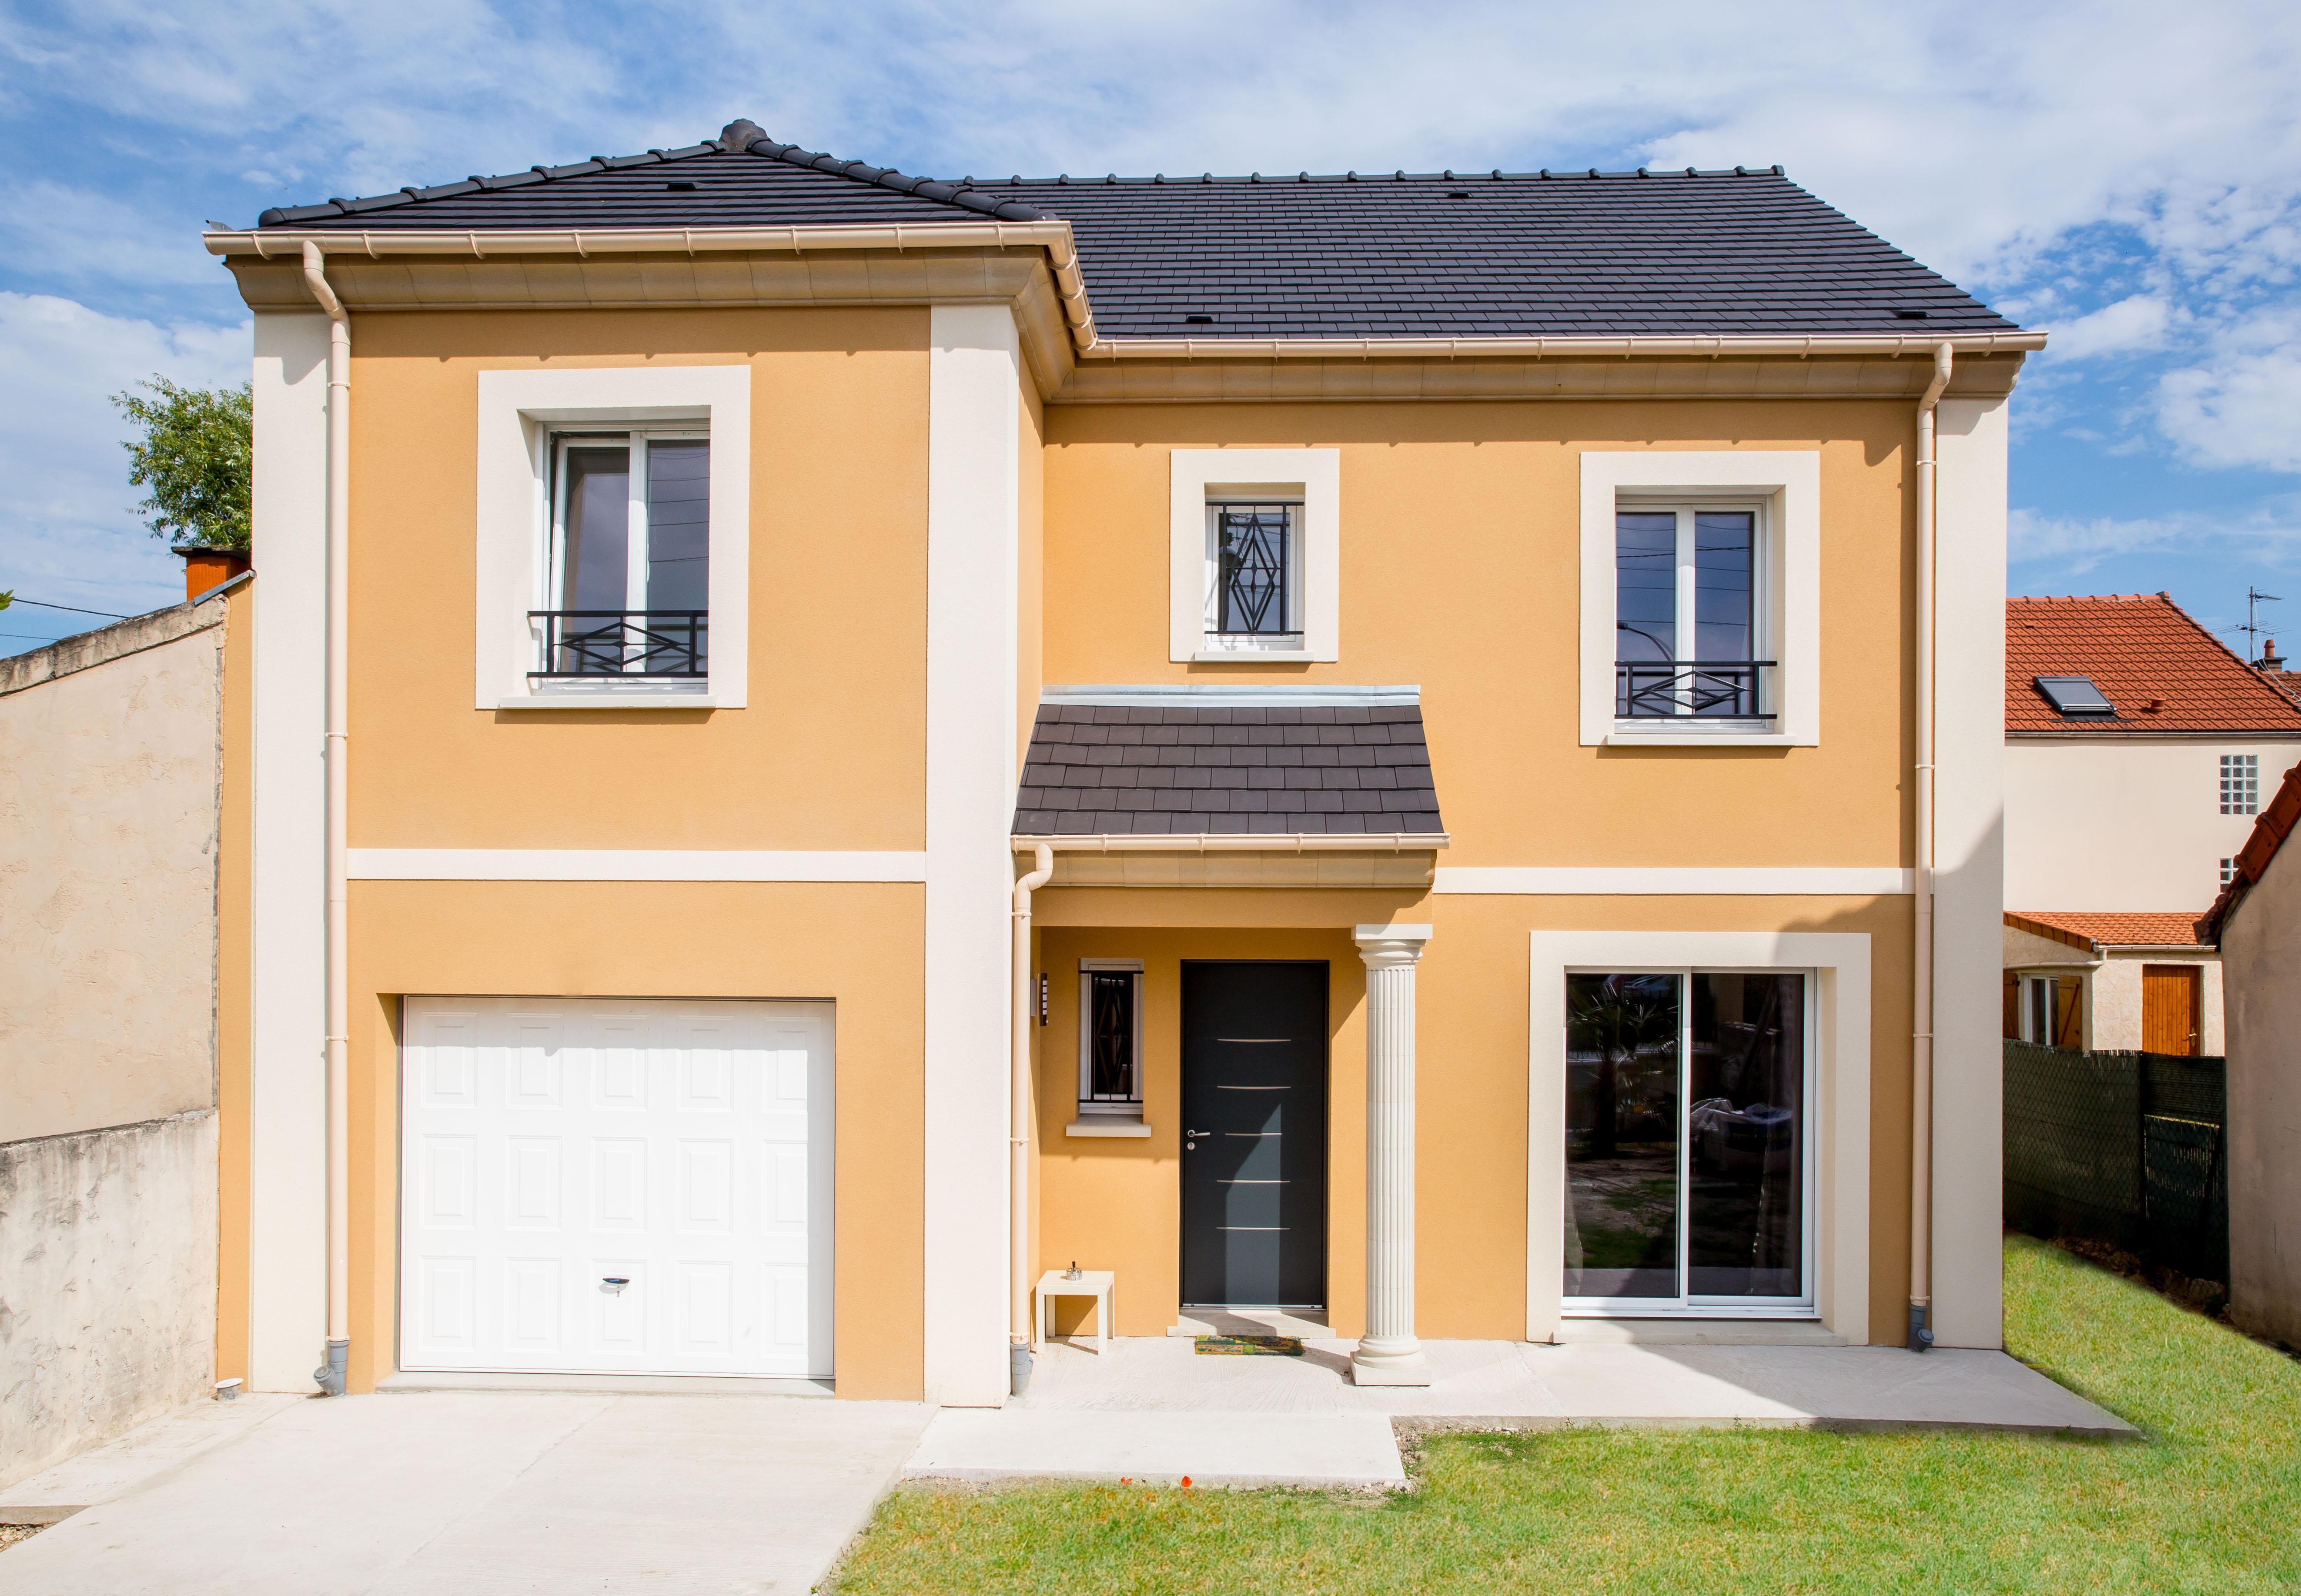 Terrains du constructeur MAISONS ERMI • 520 m² • BEAUMONT SUR OISE